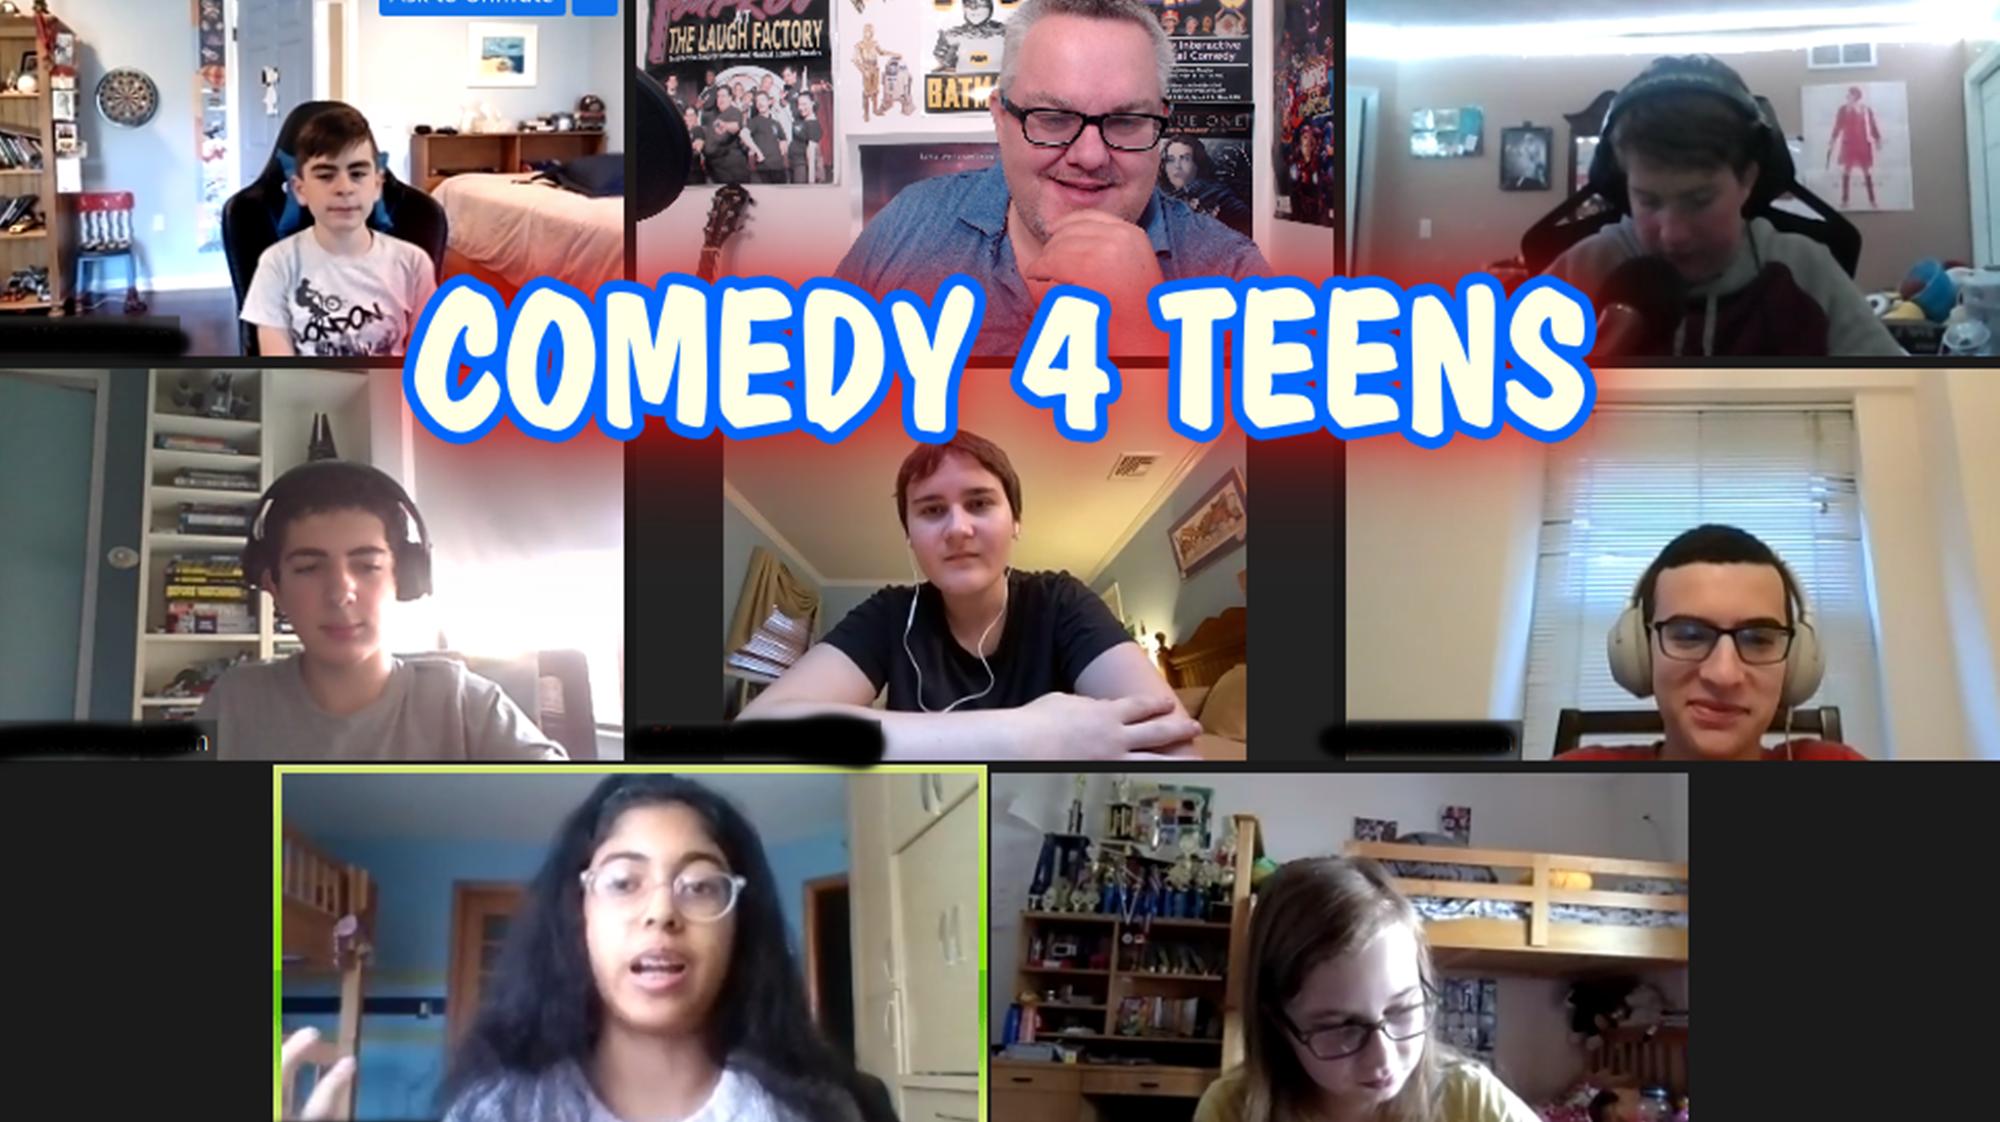 After School Improv 4 Teens - Online